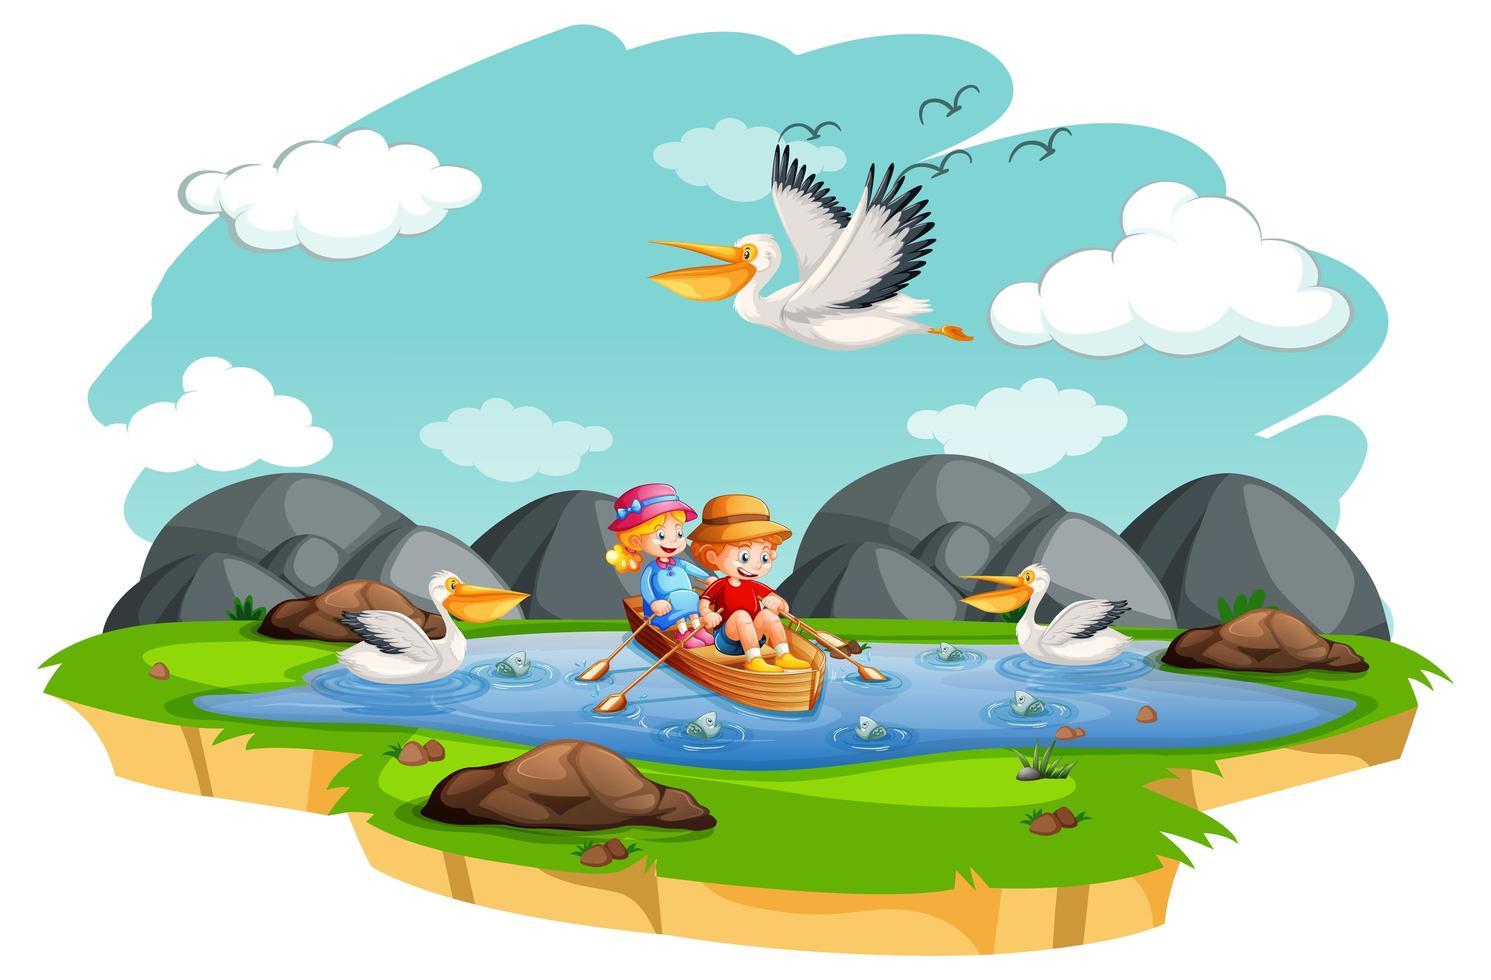 enfants ramer le bateau dans la scène du ruisseau sur fond blanc vecteur